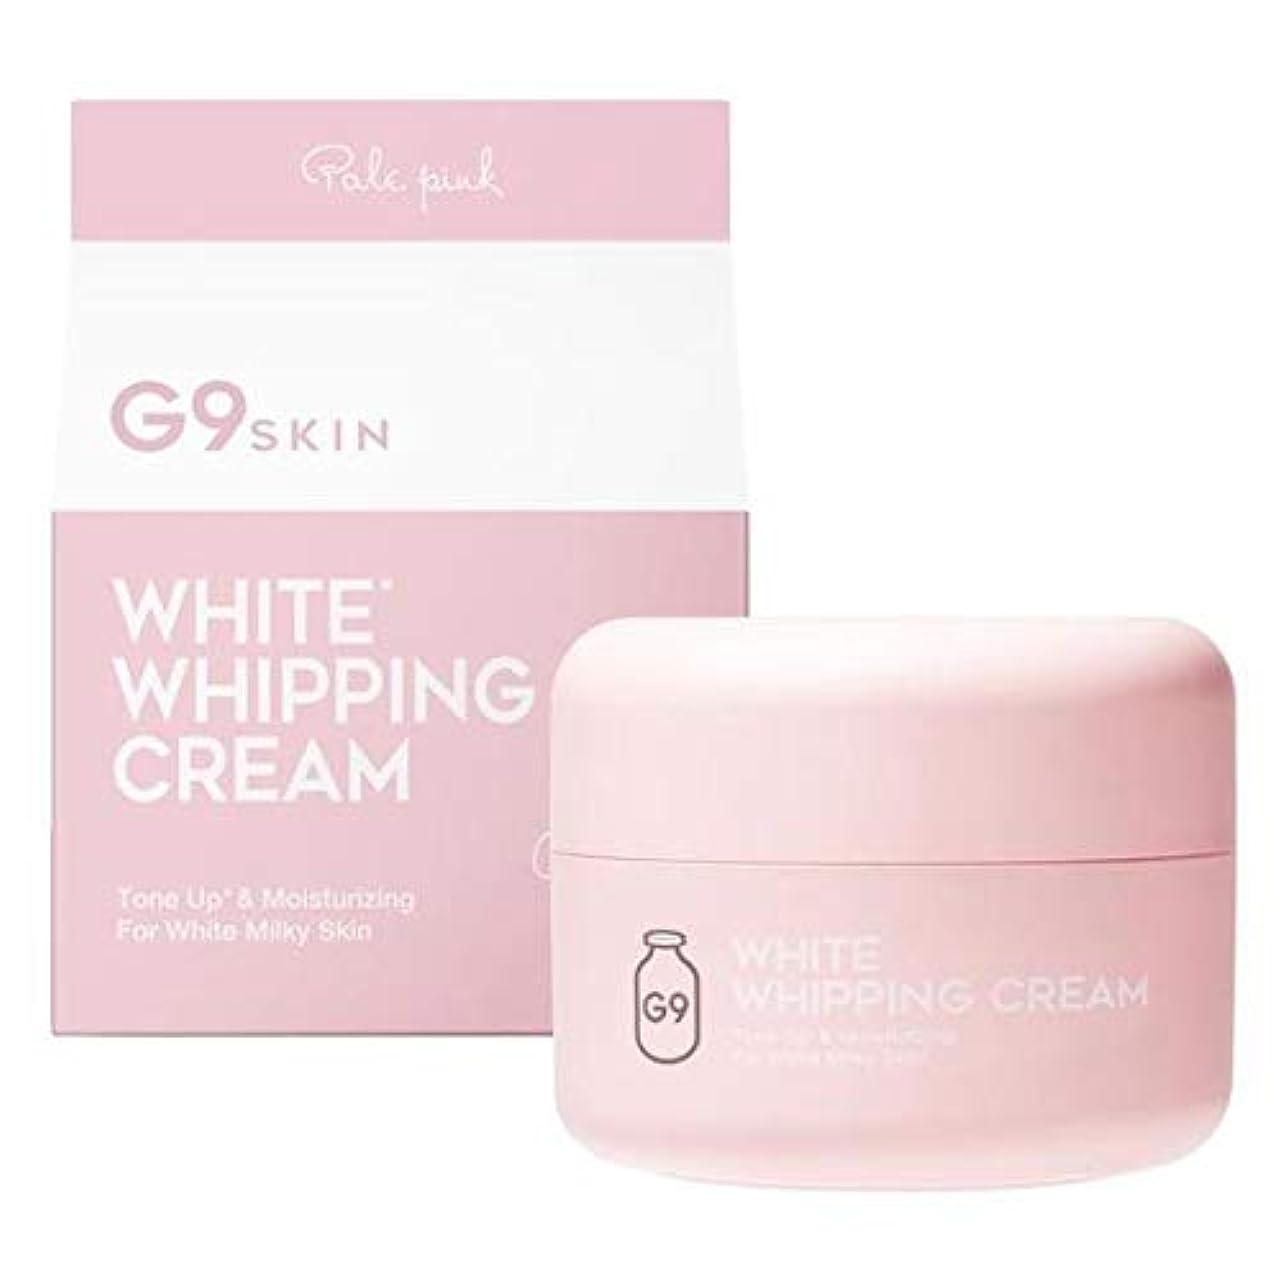 本能豊かにする構成ホワイトホイッピングクリーム ピンク 50g